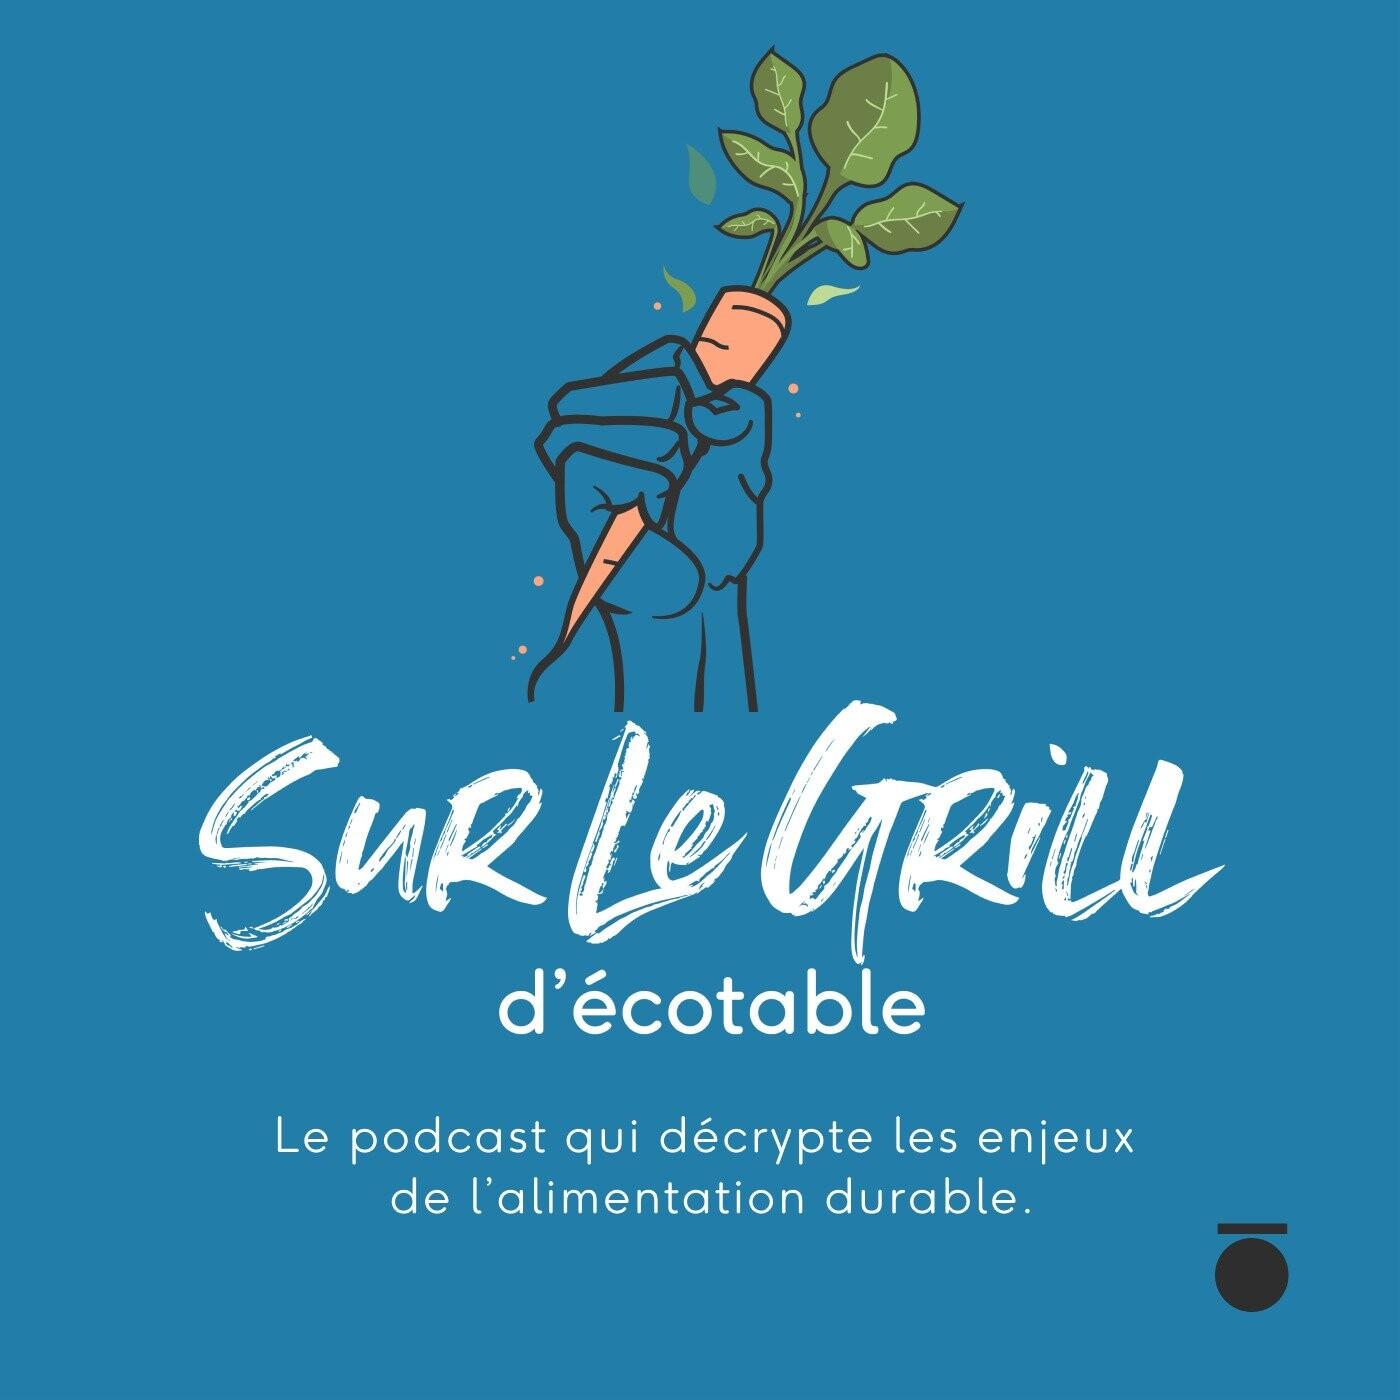 [EXTRAIT - Spécial Taste of Paris] - Rencontre avec les chefs Nicolas Conraux et Gaëtan Berthelot